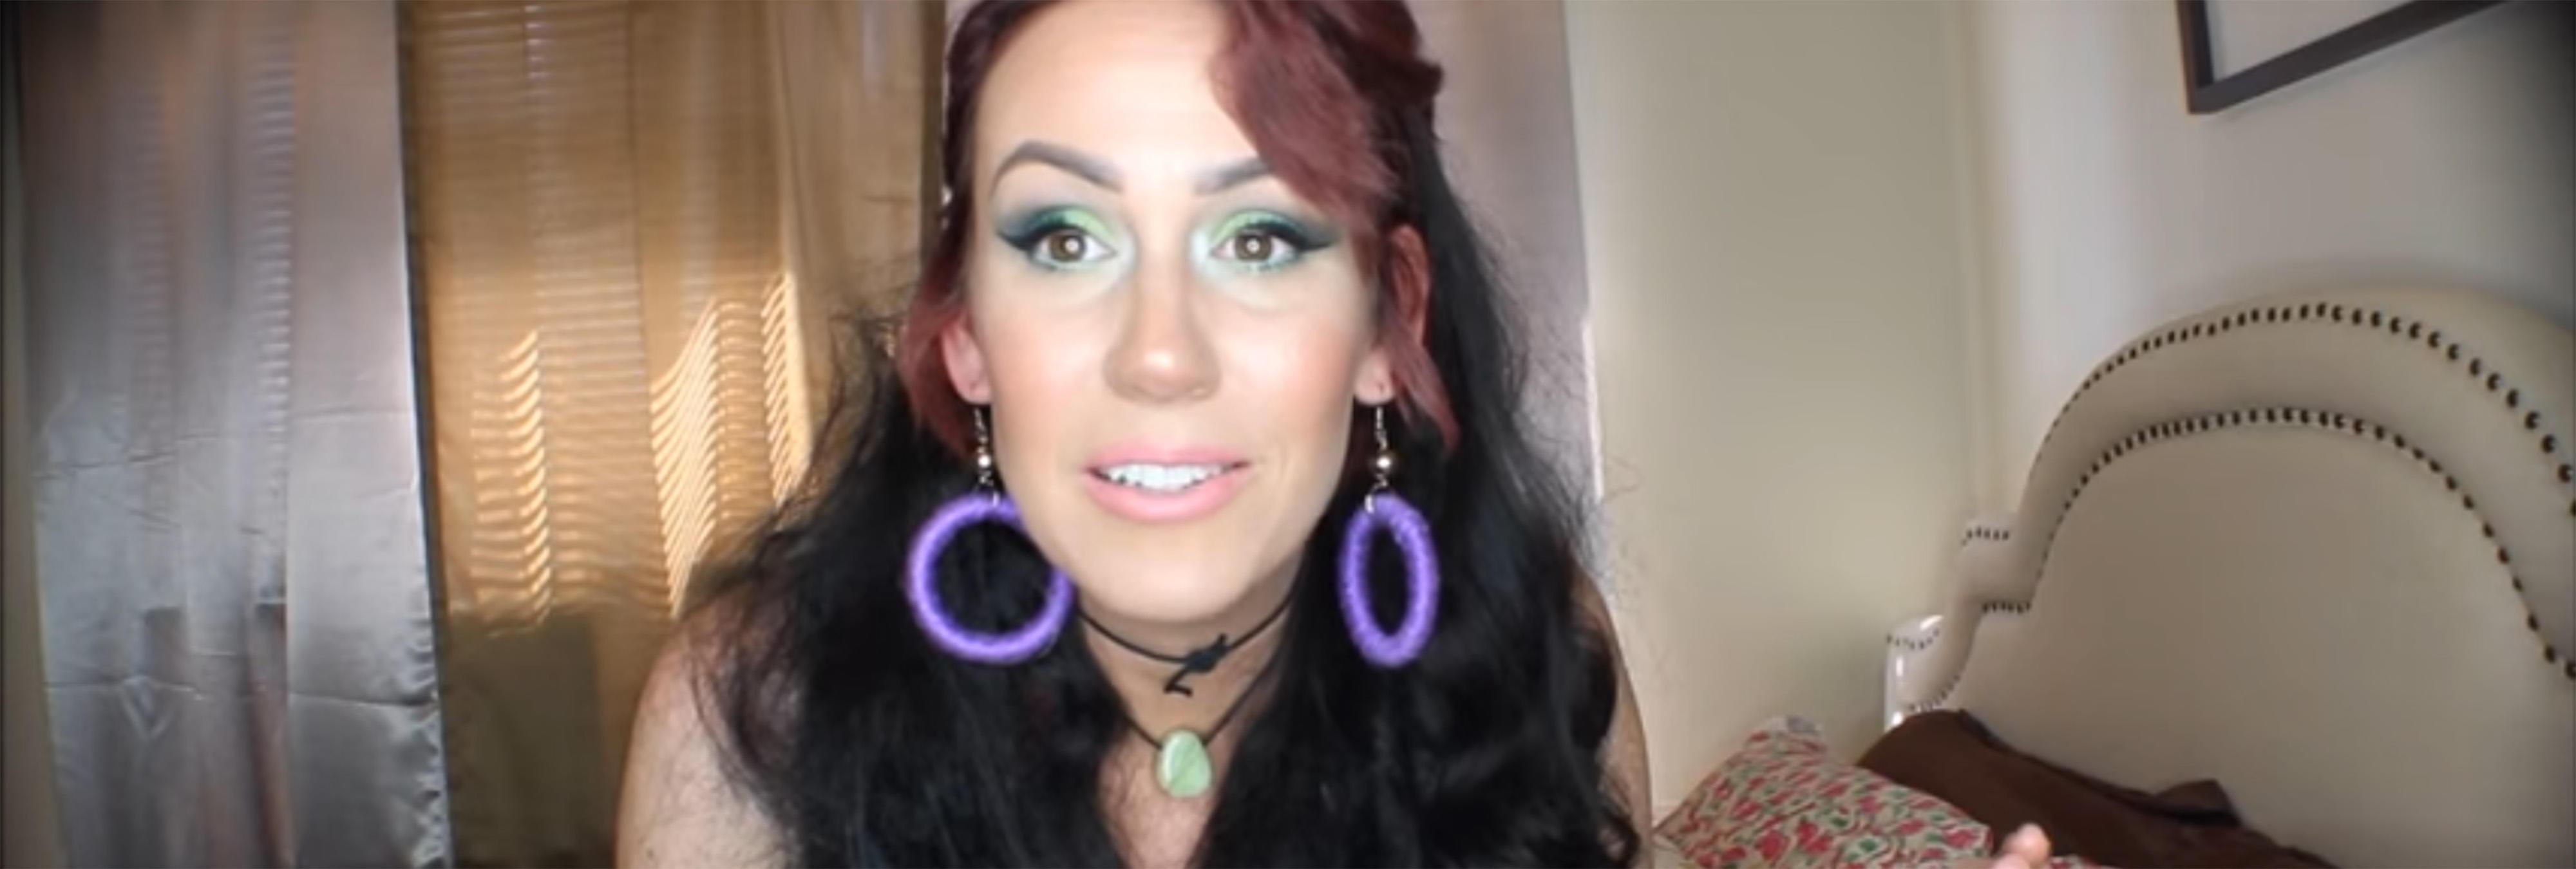 """Una youtuber crea polémica al decir en su vídeo que """"hay que matar a todos los hombres"""""""